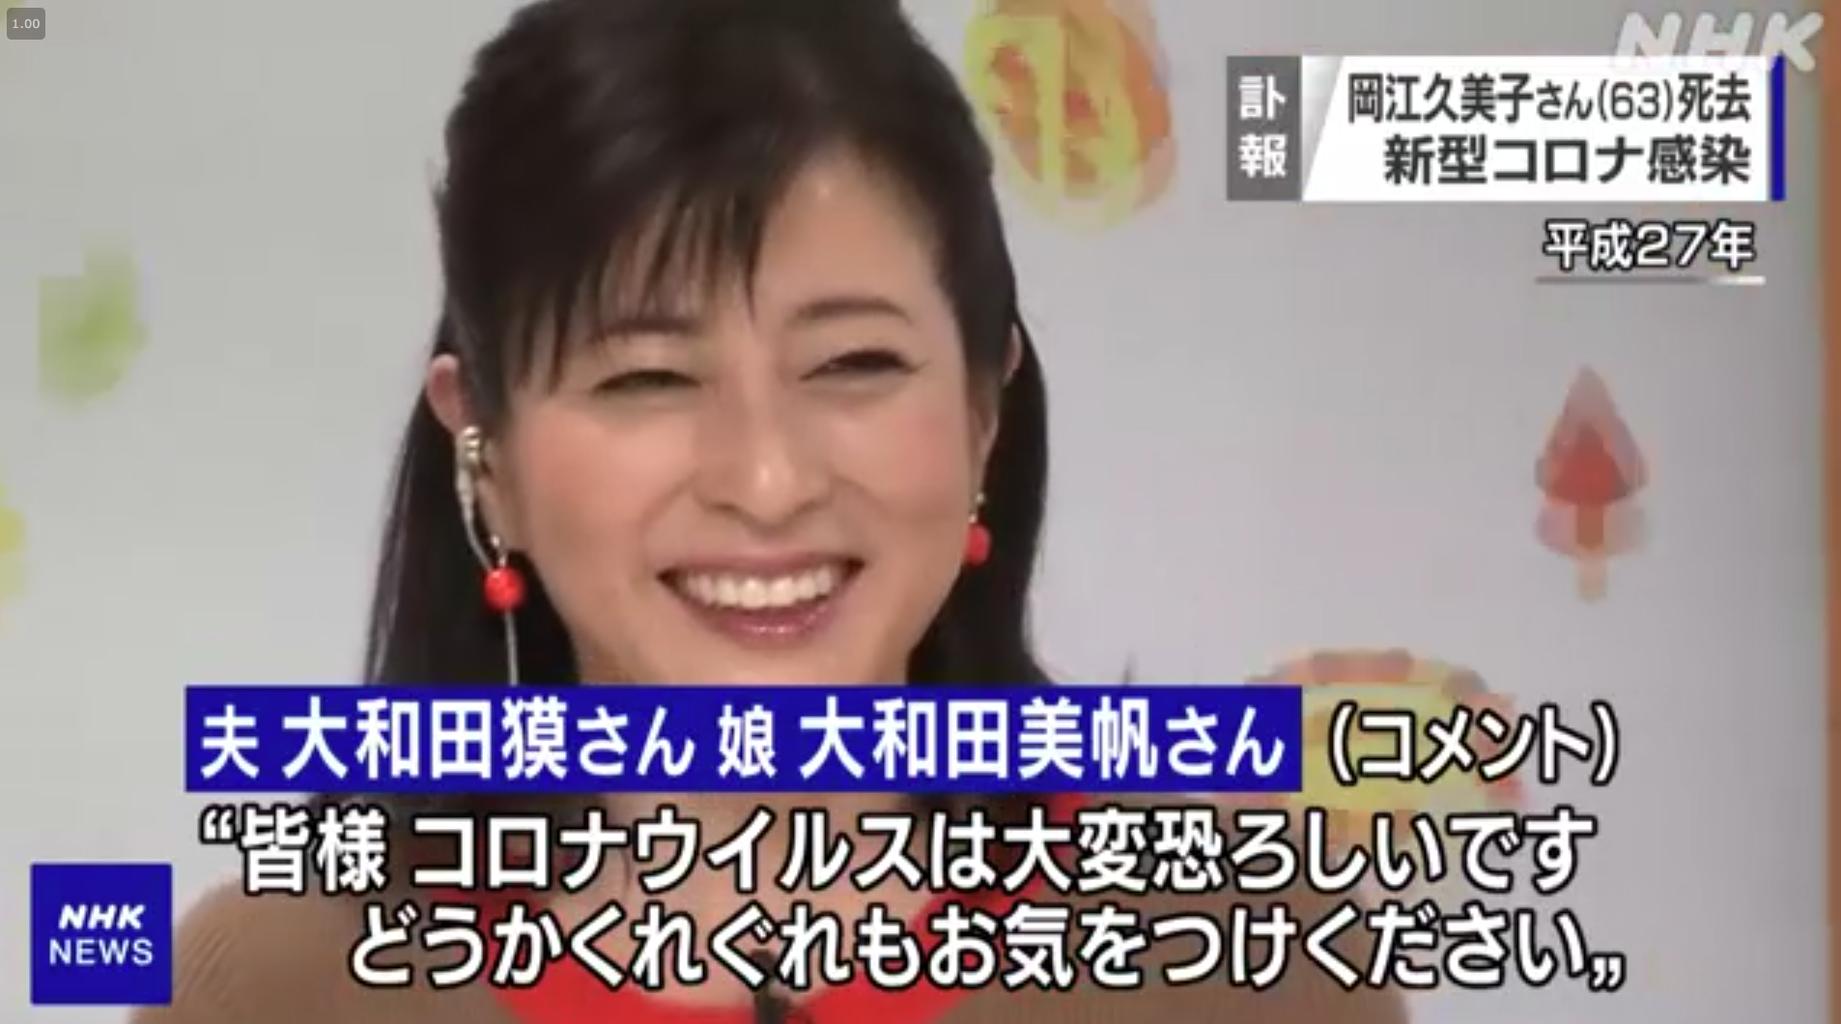 岡江 久美子 基礎 疾患 岡江久美子 - Wikipedia